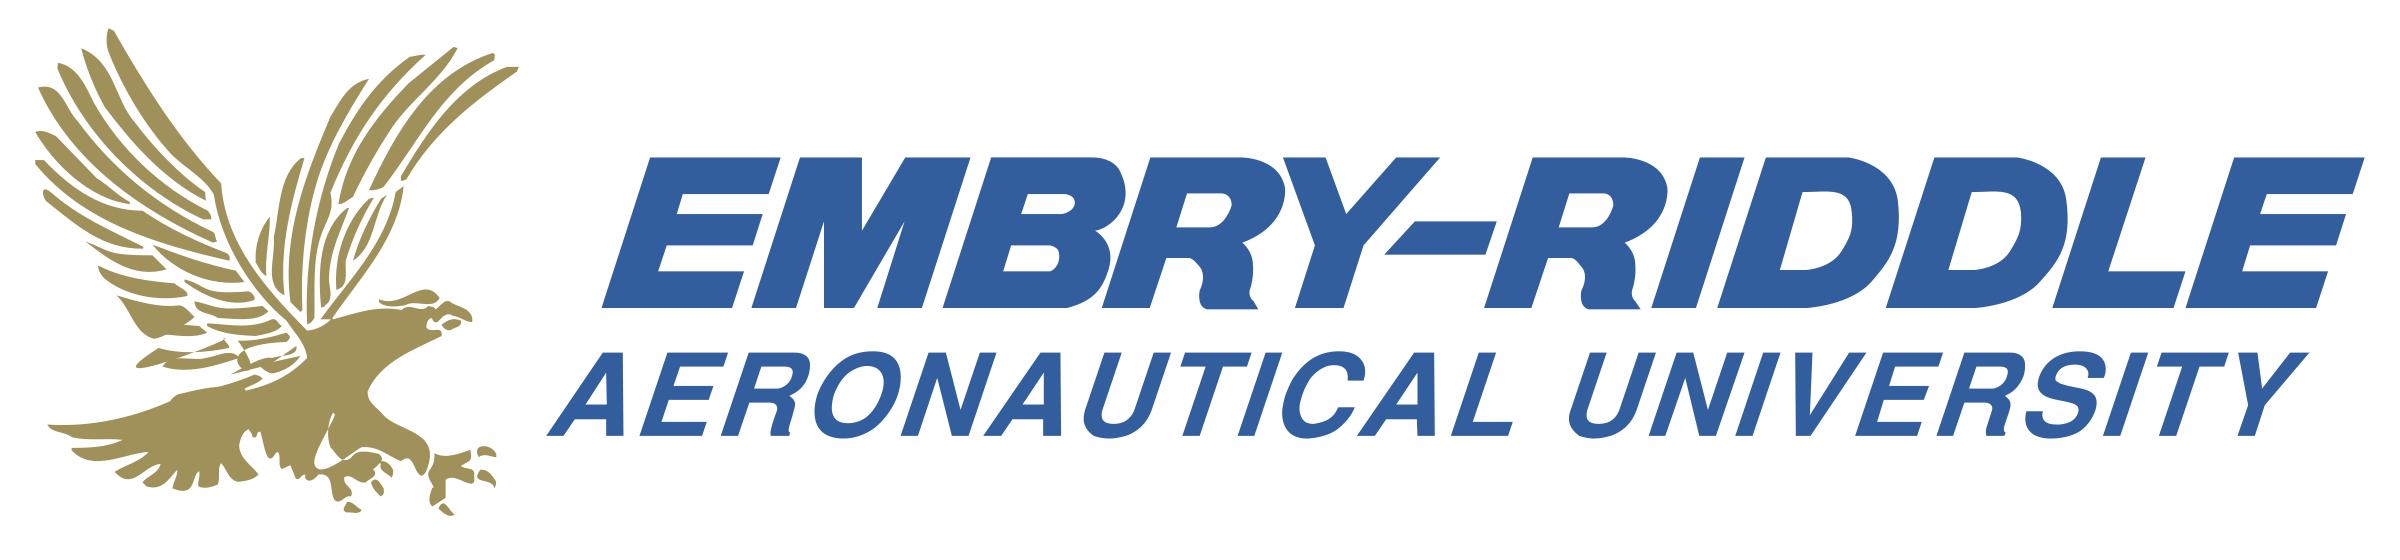 Embry Riddle Aeronautical University Erau